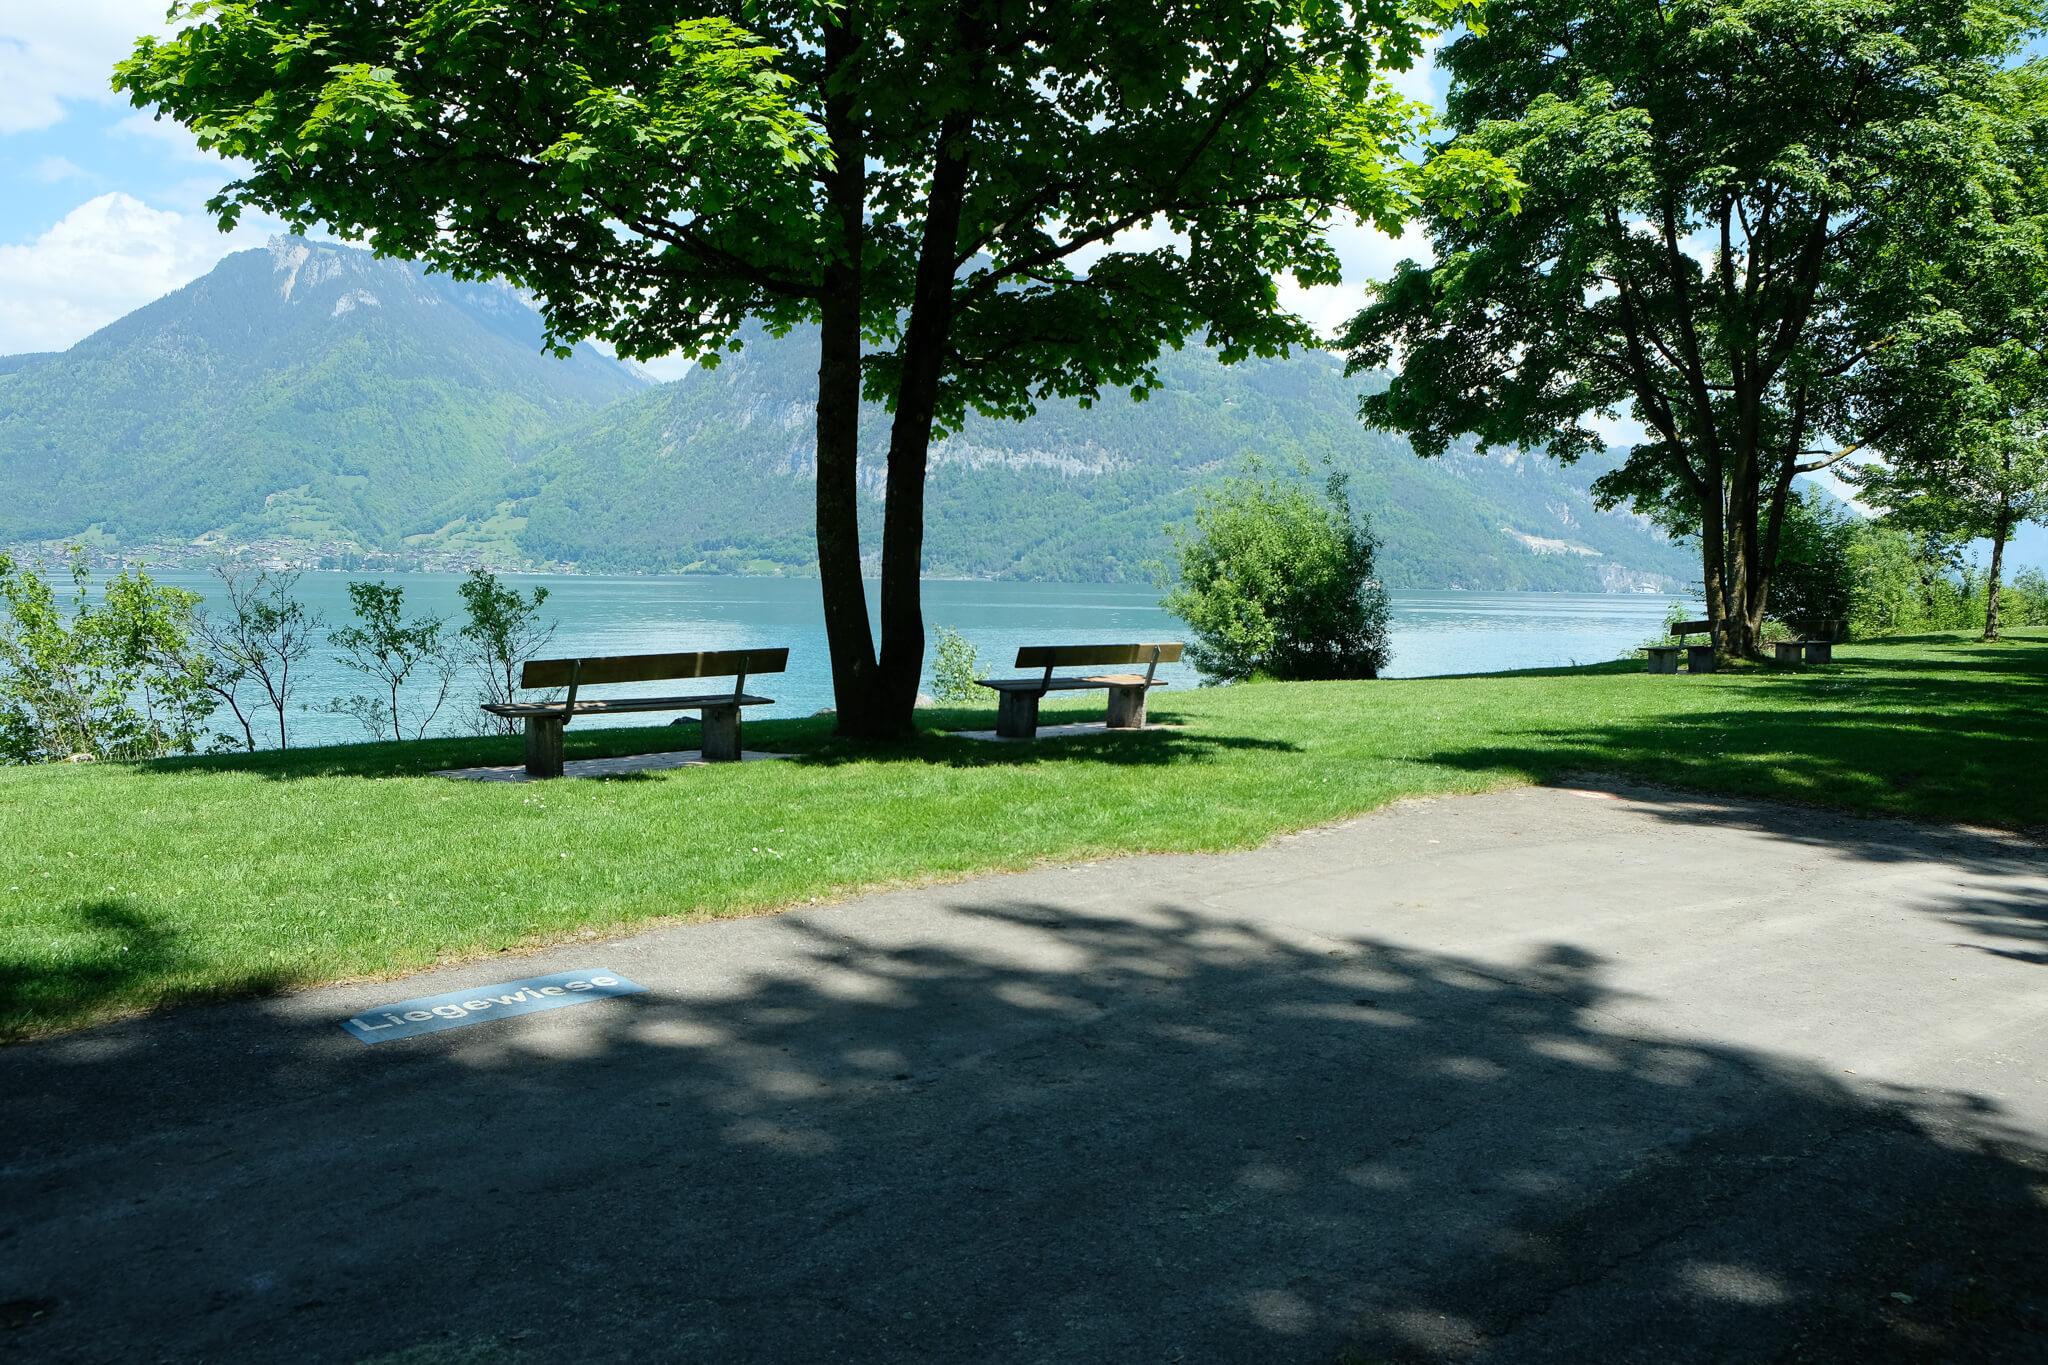 badeplatz-blue-turtle-faulensee-sommer (1).jpg